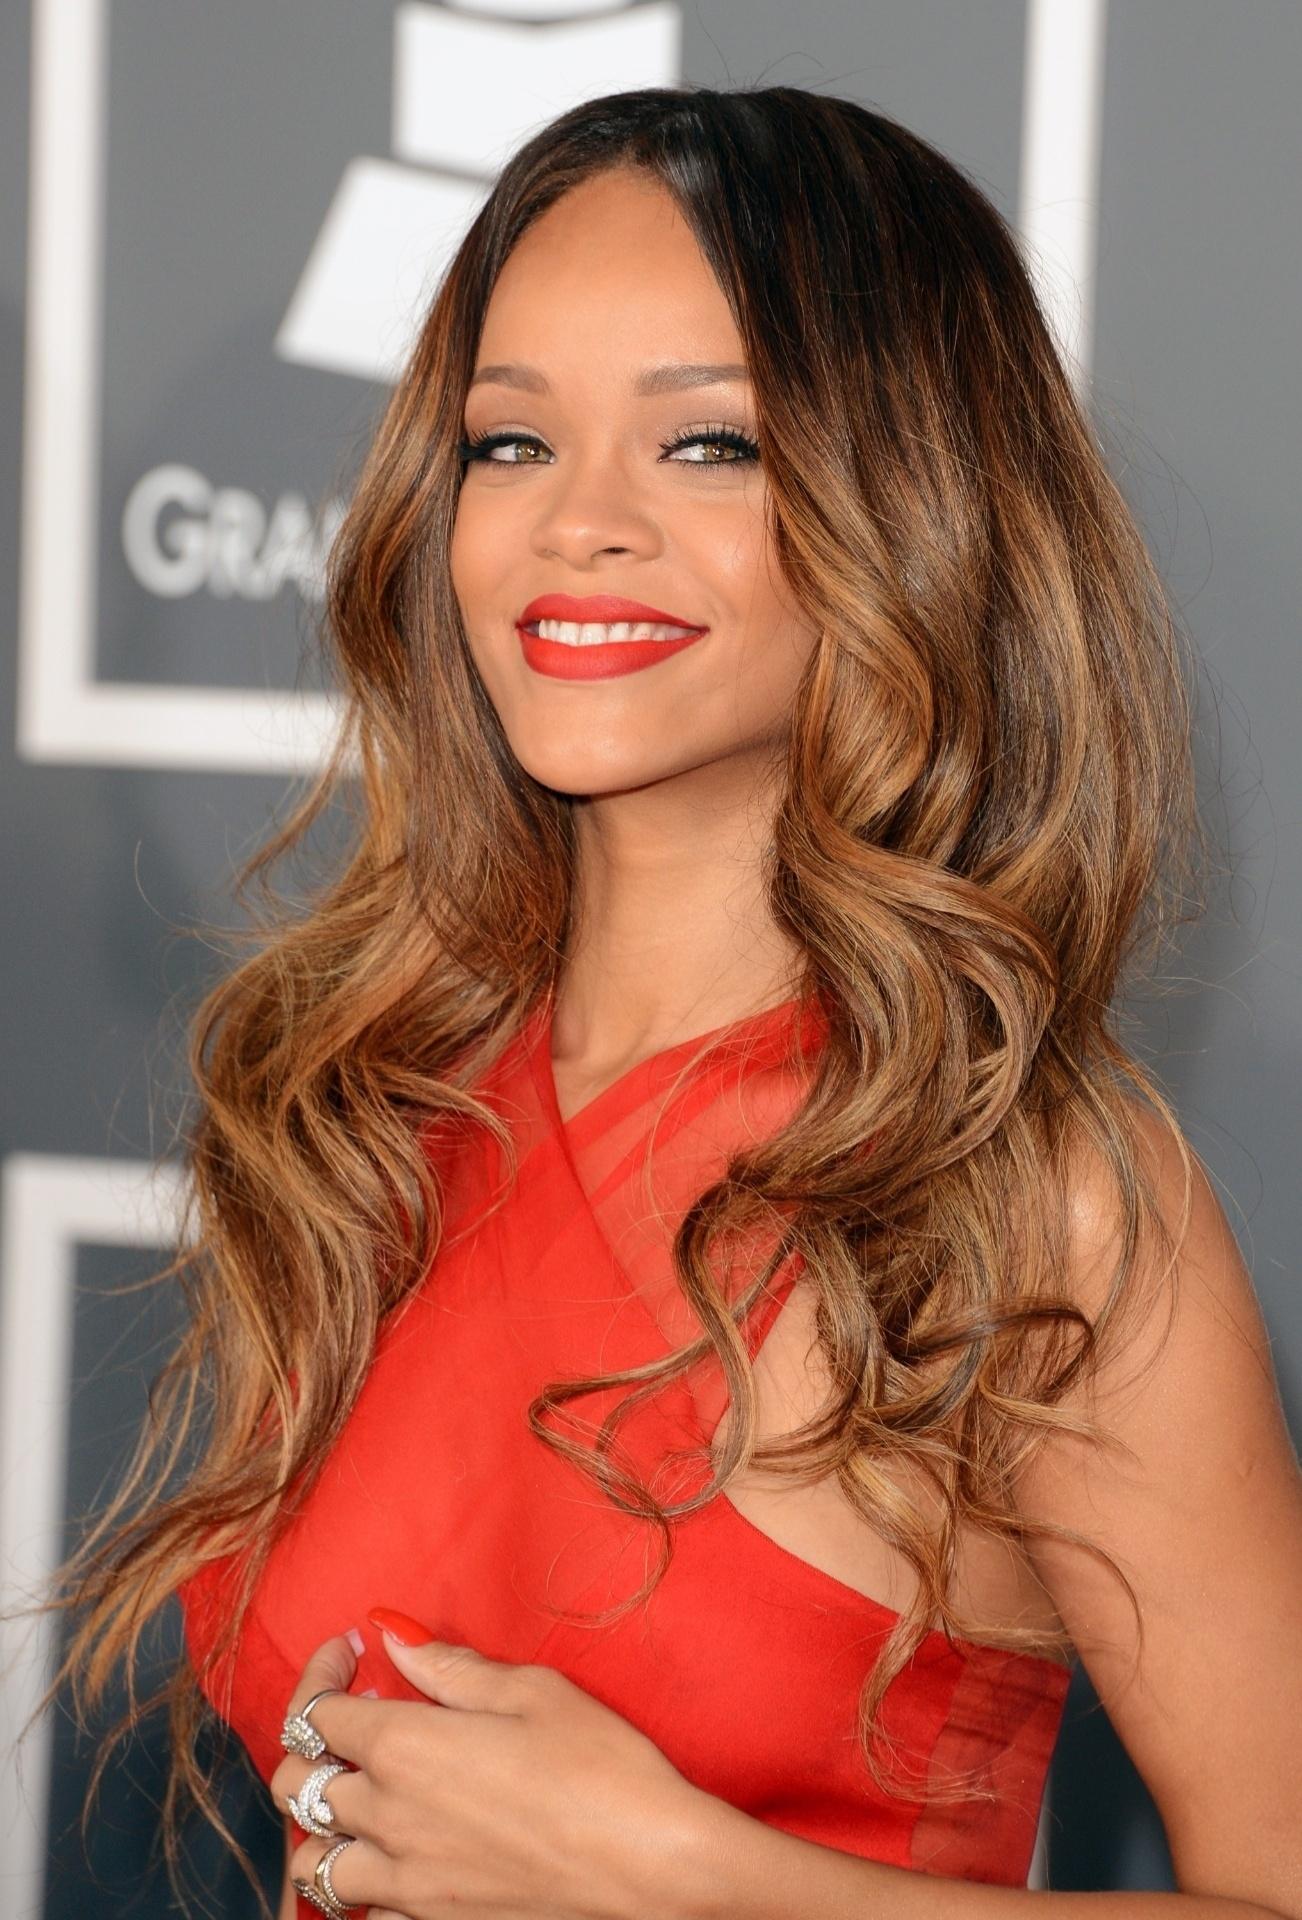 Rihanna usou o charme caribenho e a voz potente para se tornar inesquecível no mundo pop. Nome completo: Robyn Rihanna Fenty.